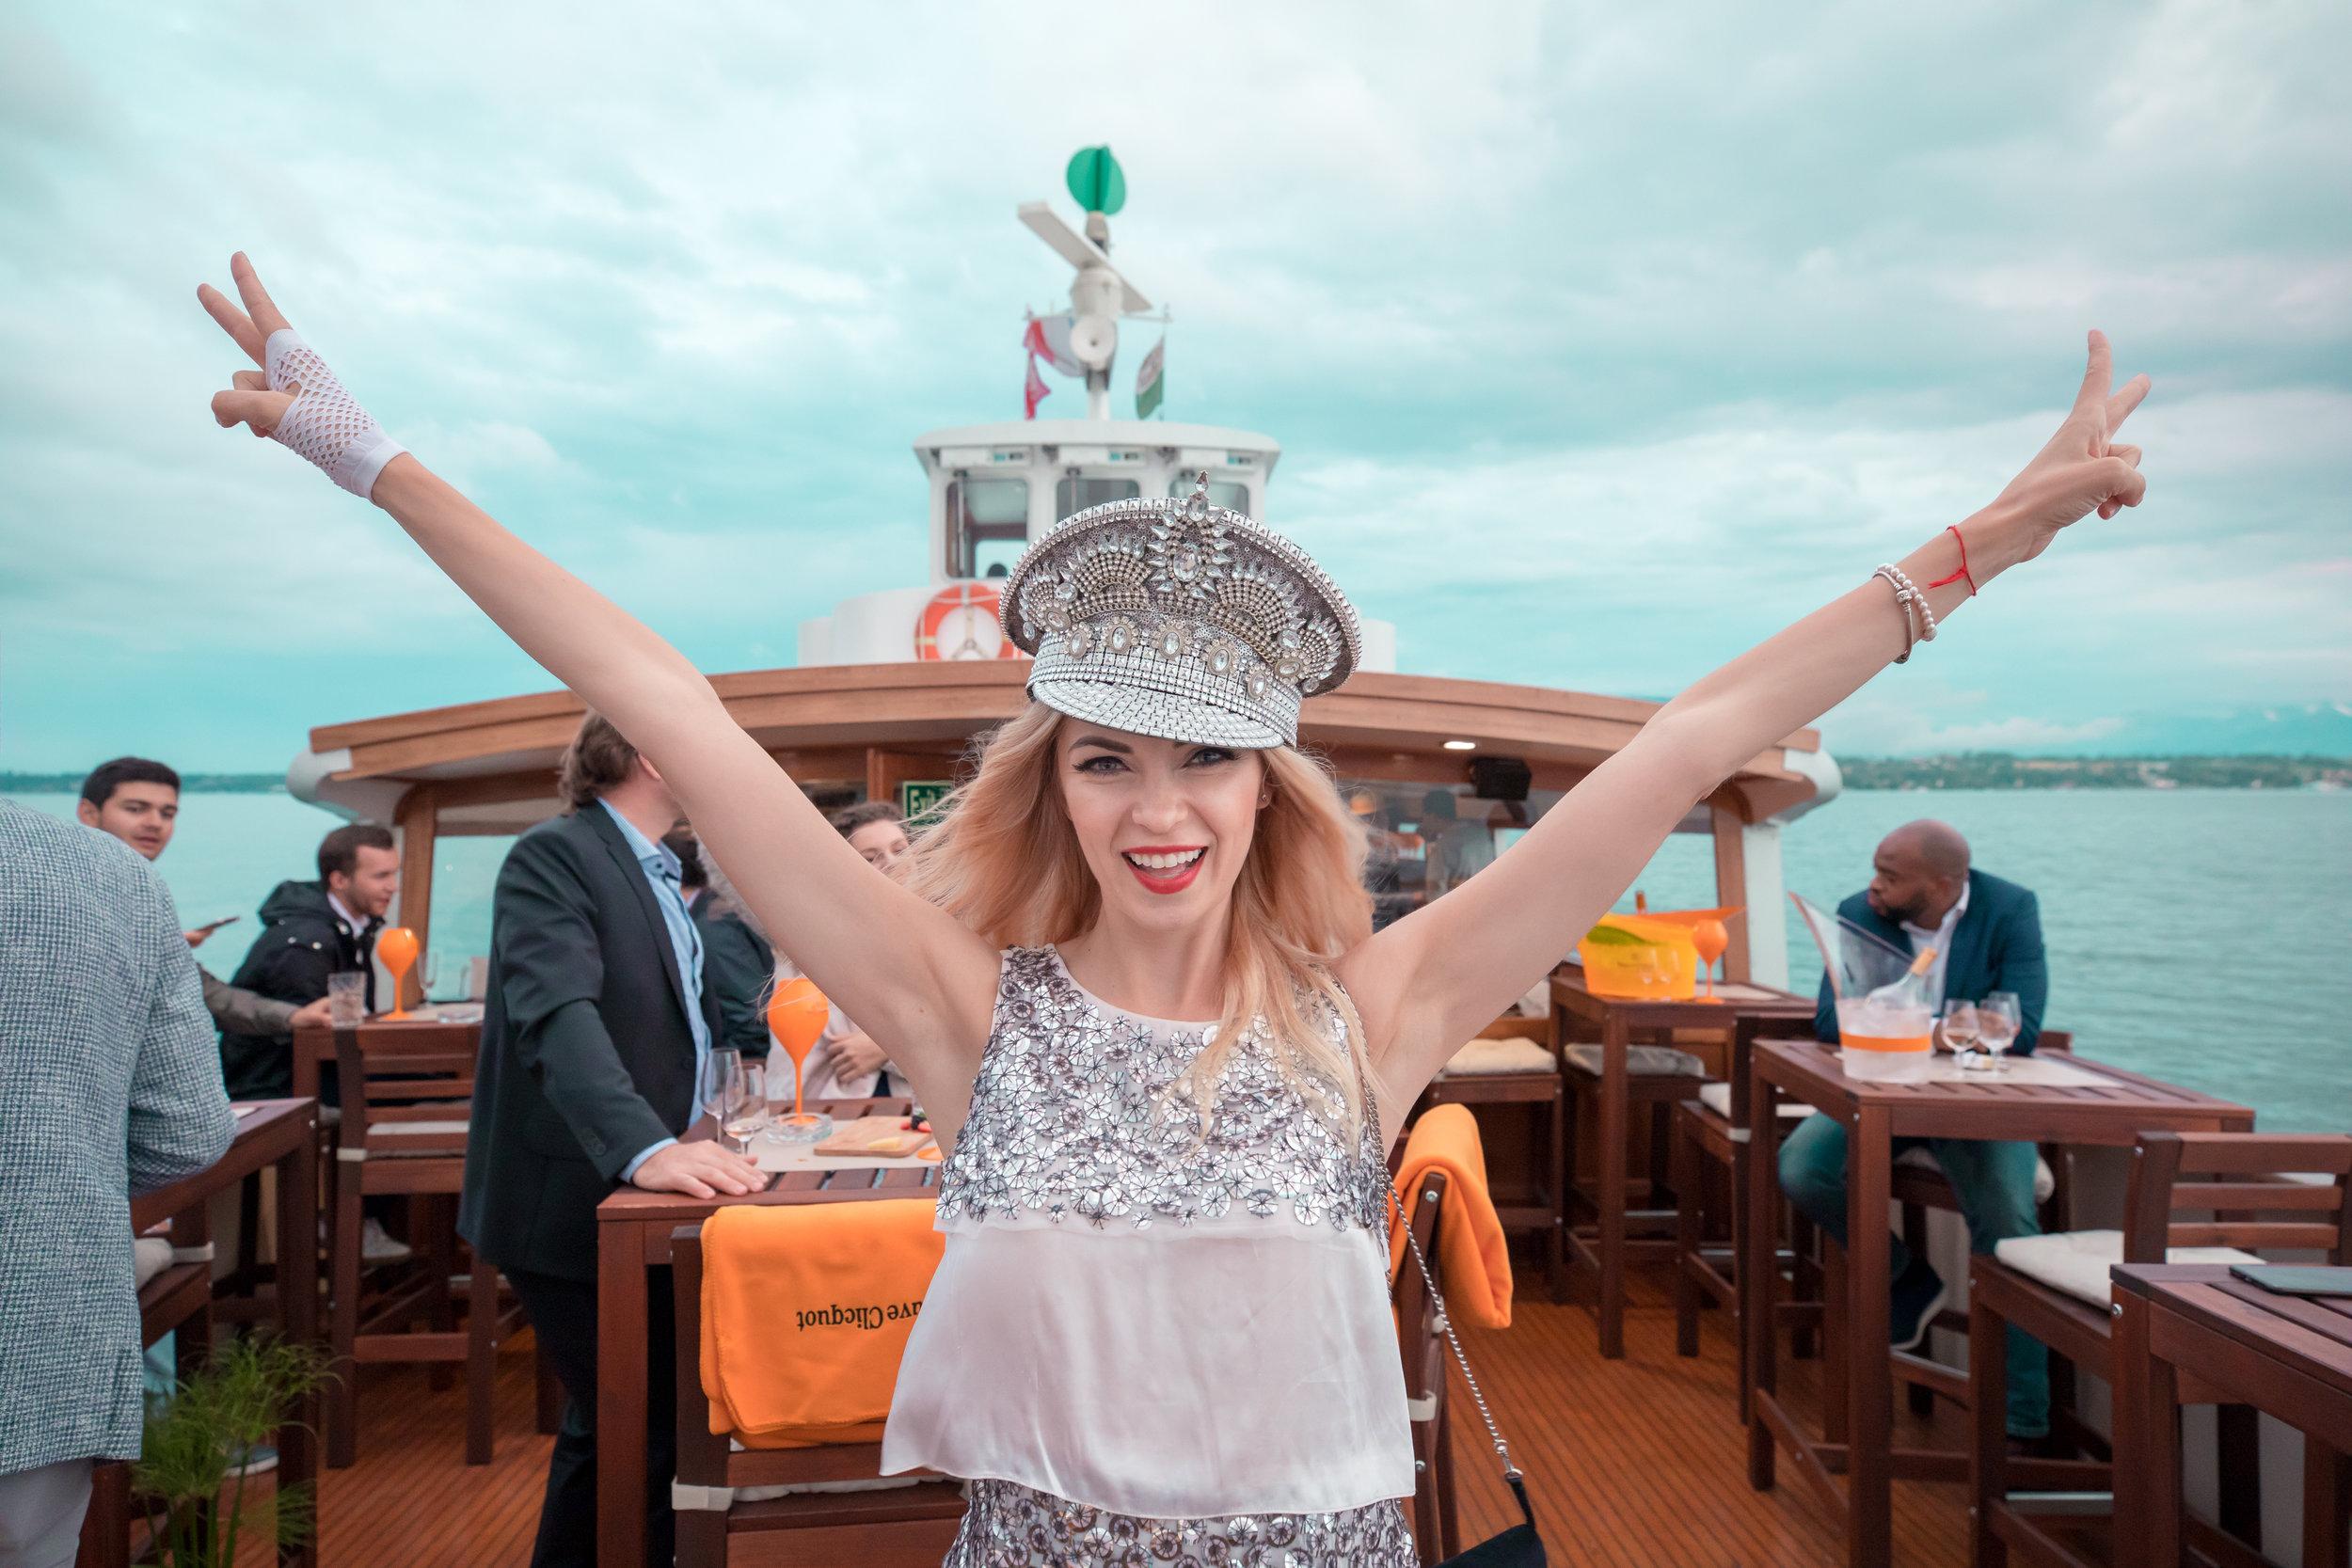 Worn by beautiful Russian blogger Irma Lake